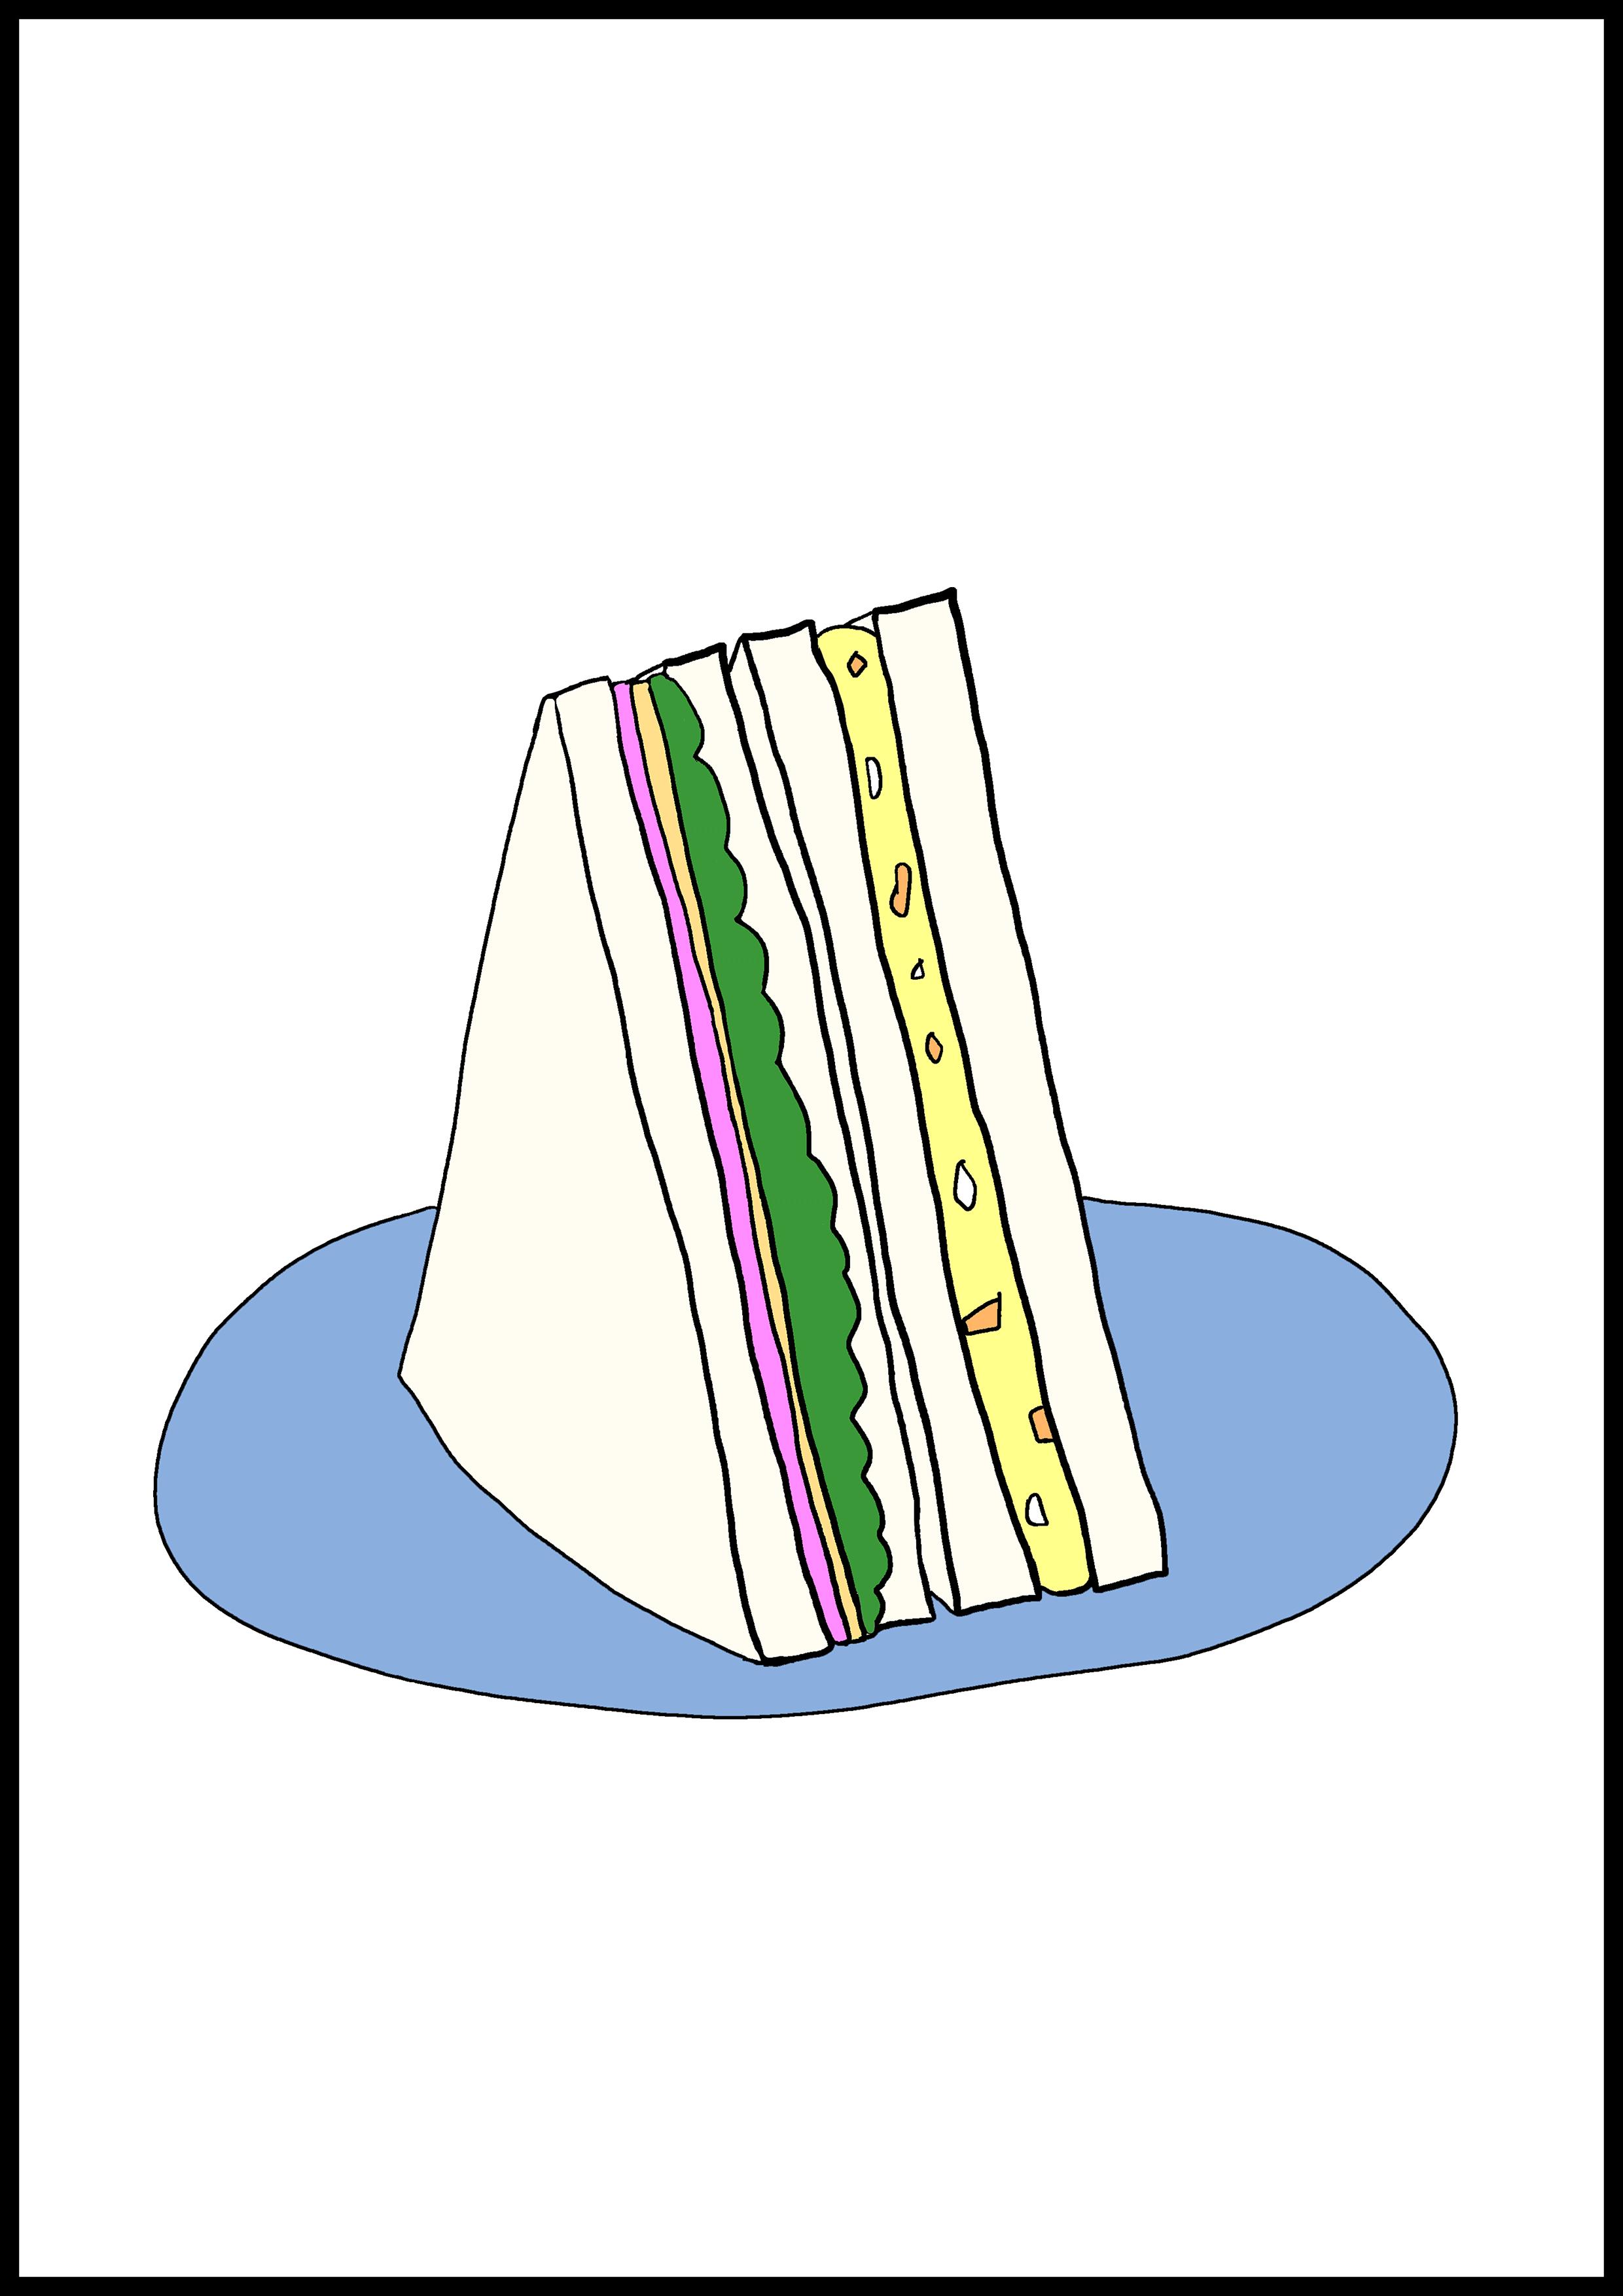 カルタイラスト【サンドイッチ】